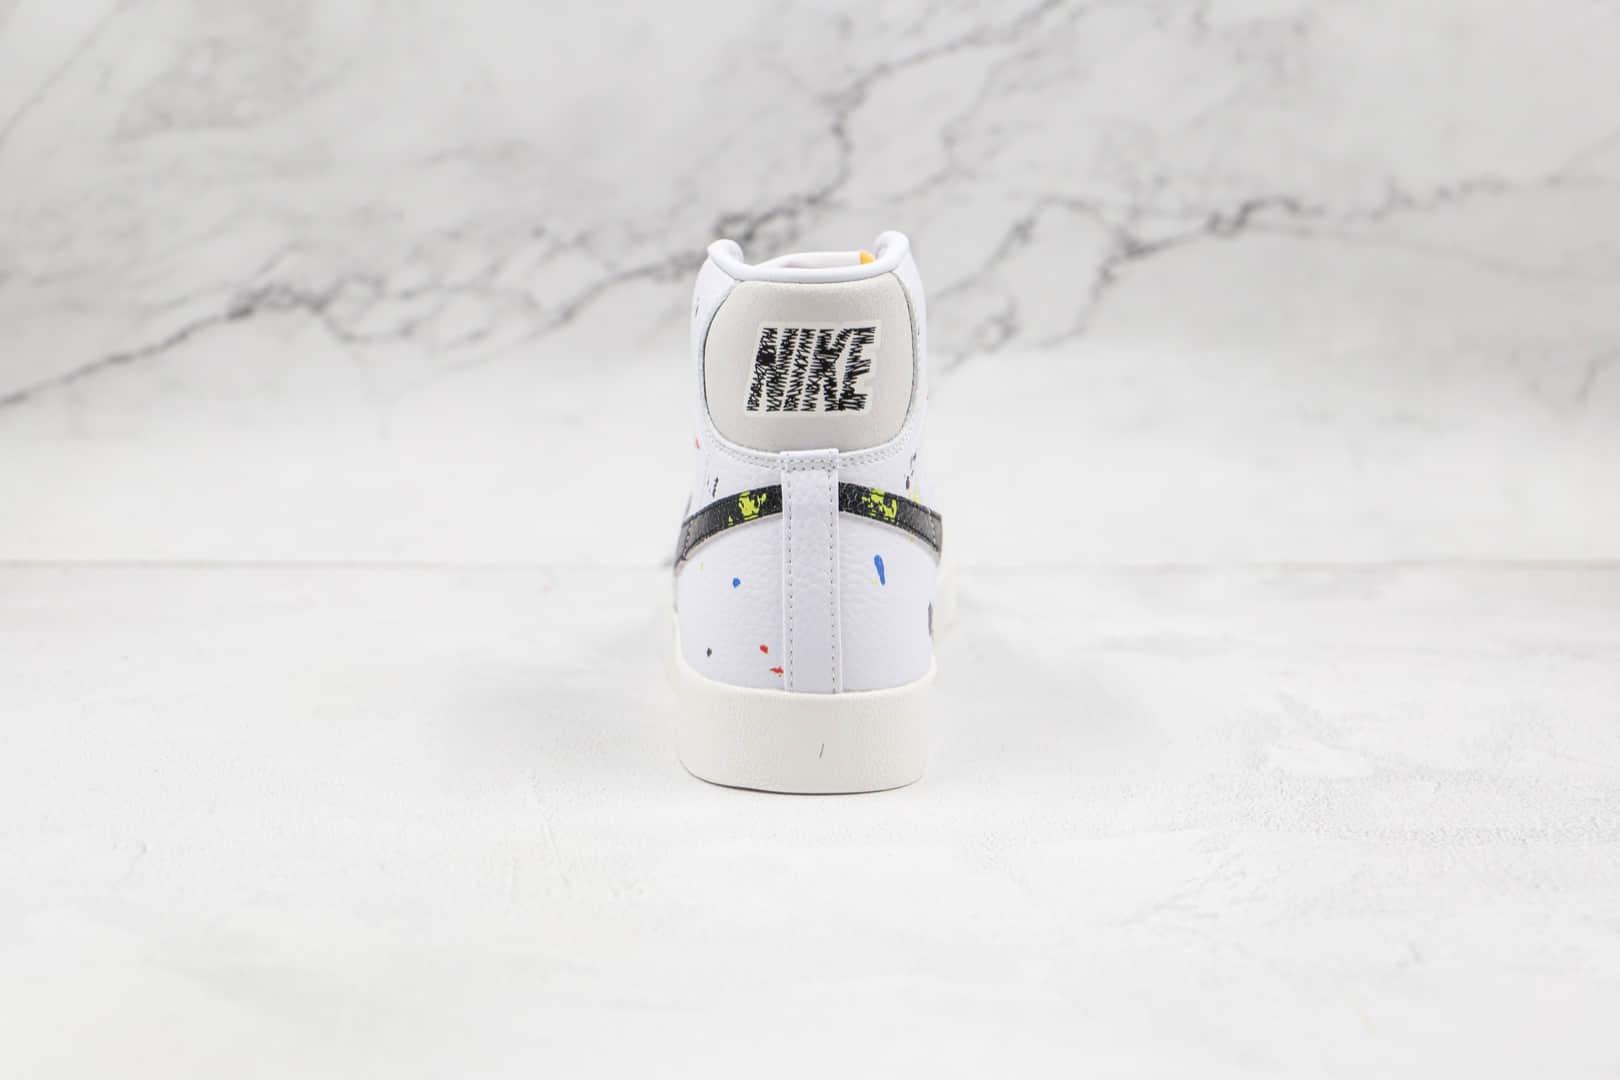 耐克NIKE Blazer MID 77 VNTG纯原版本高帮开拓者白黑色泼墨板鞋原盒原标 货号:DC7331-100